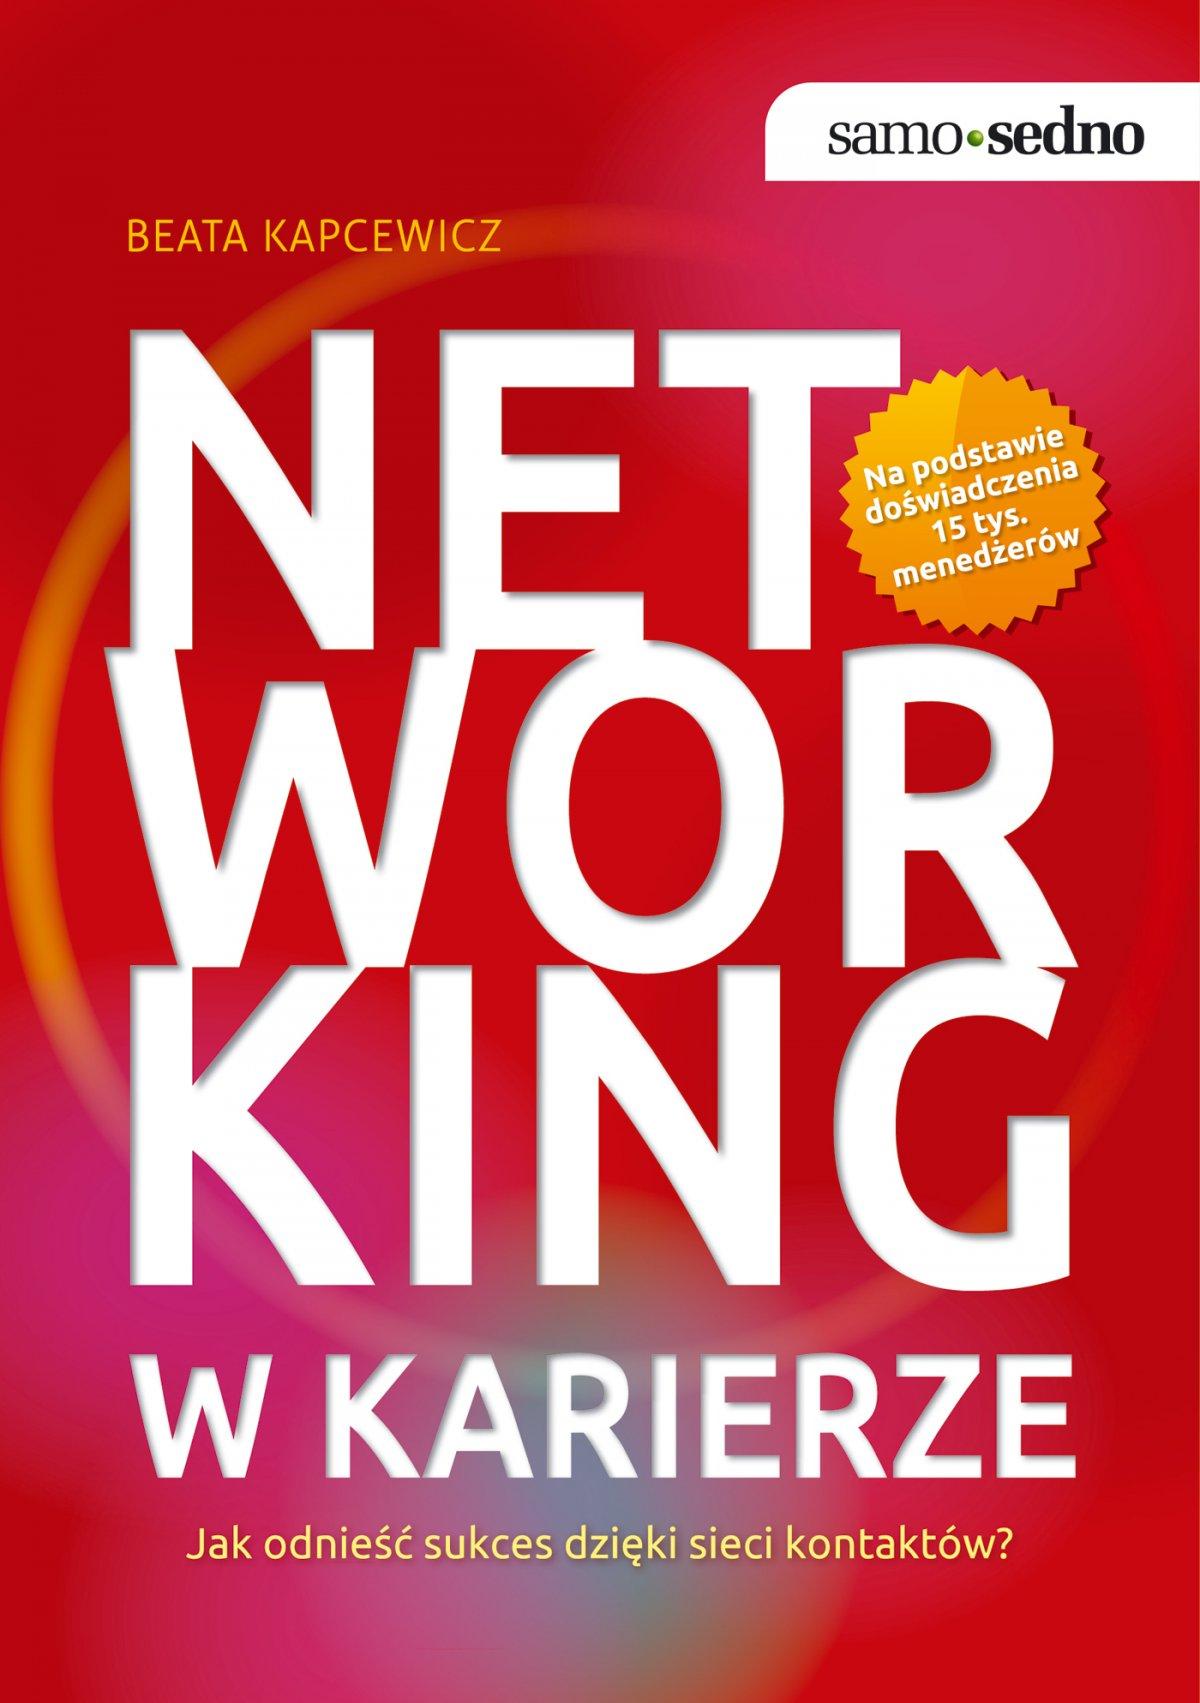 Samo Sedno - Networking w karierze. Jak odnieść sukces dzięki sieci kontaktów? - Ebook (Książka EPUB) do pobrania w formacie EPUB